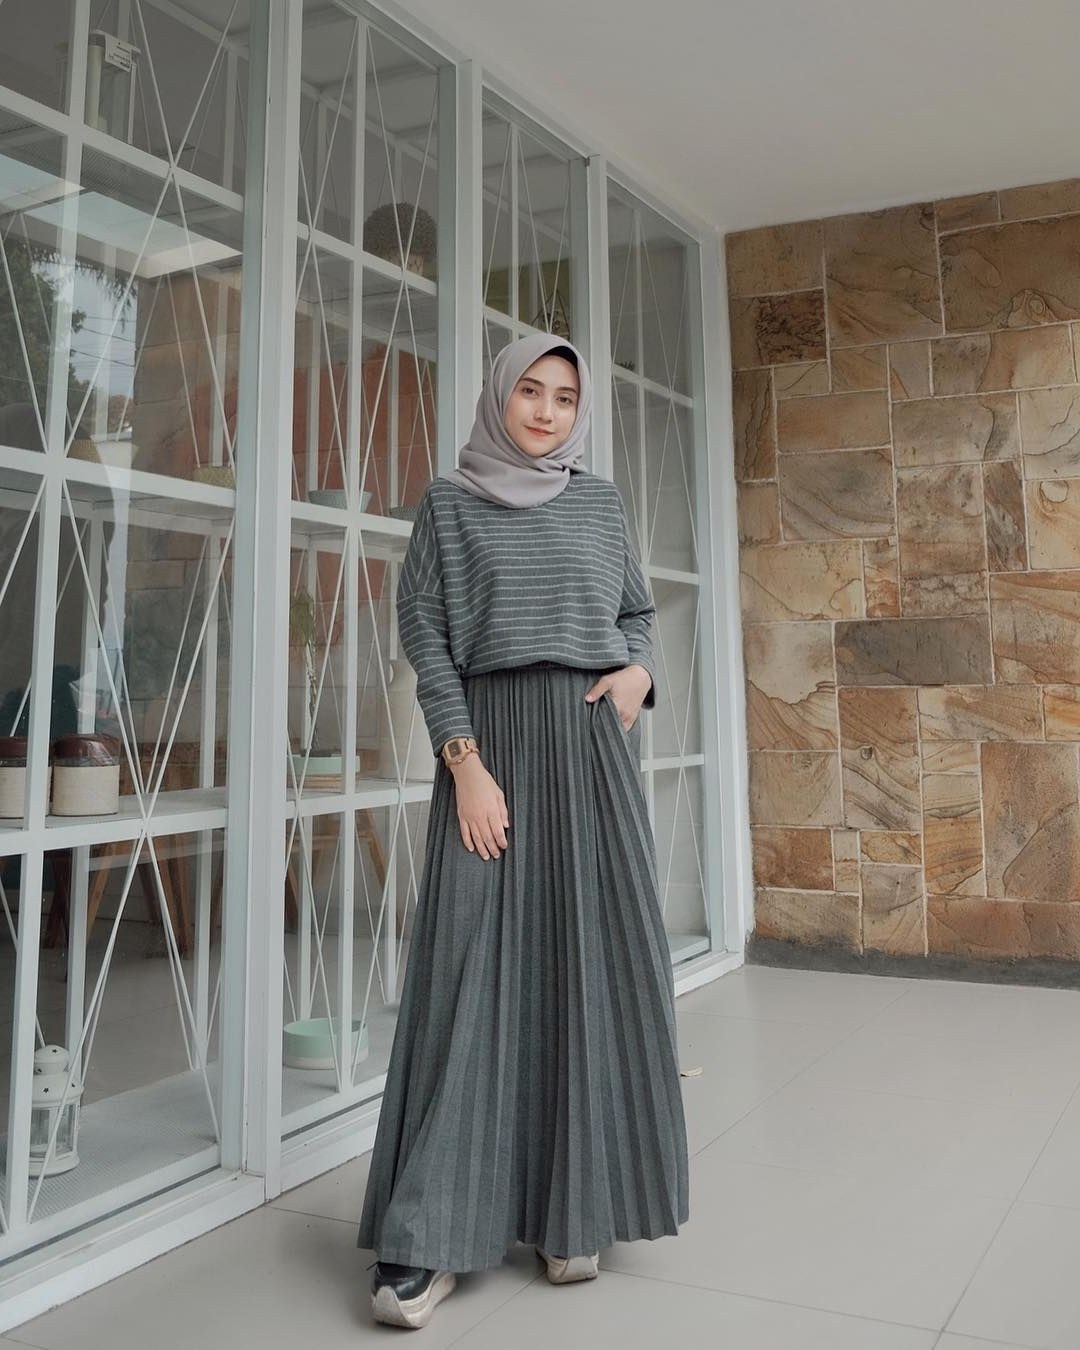 Model Baju Lebaran Terbaru 2019 Pria 9ddf Baju Muslim Lebaran Terbaru 2019